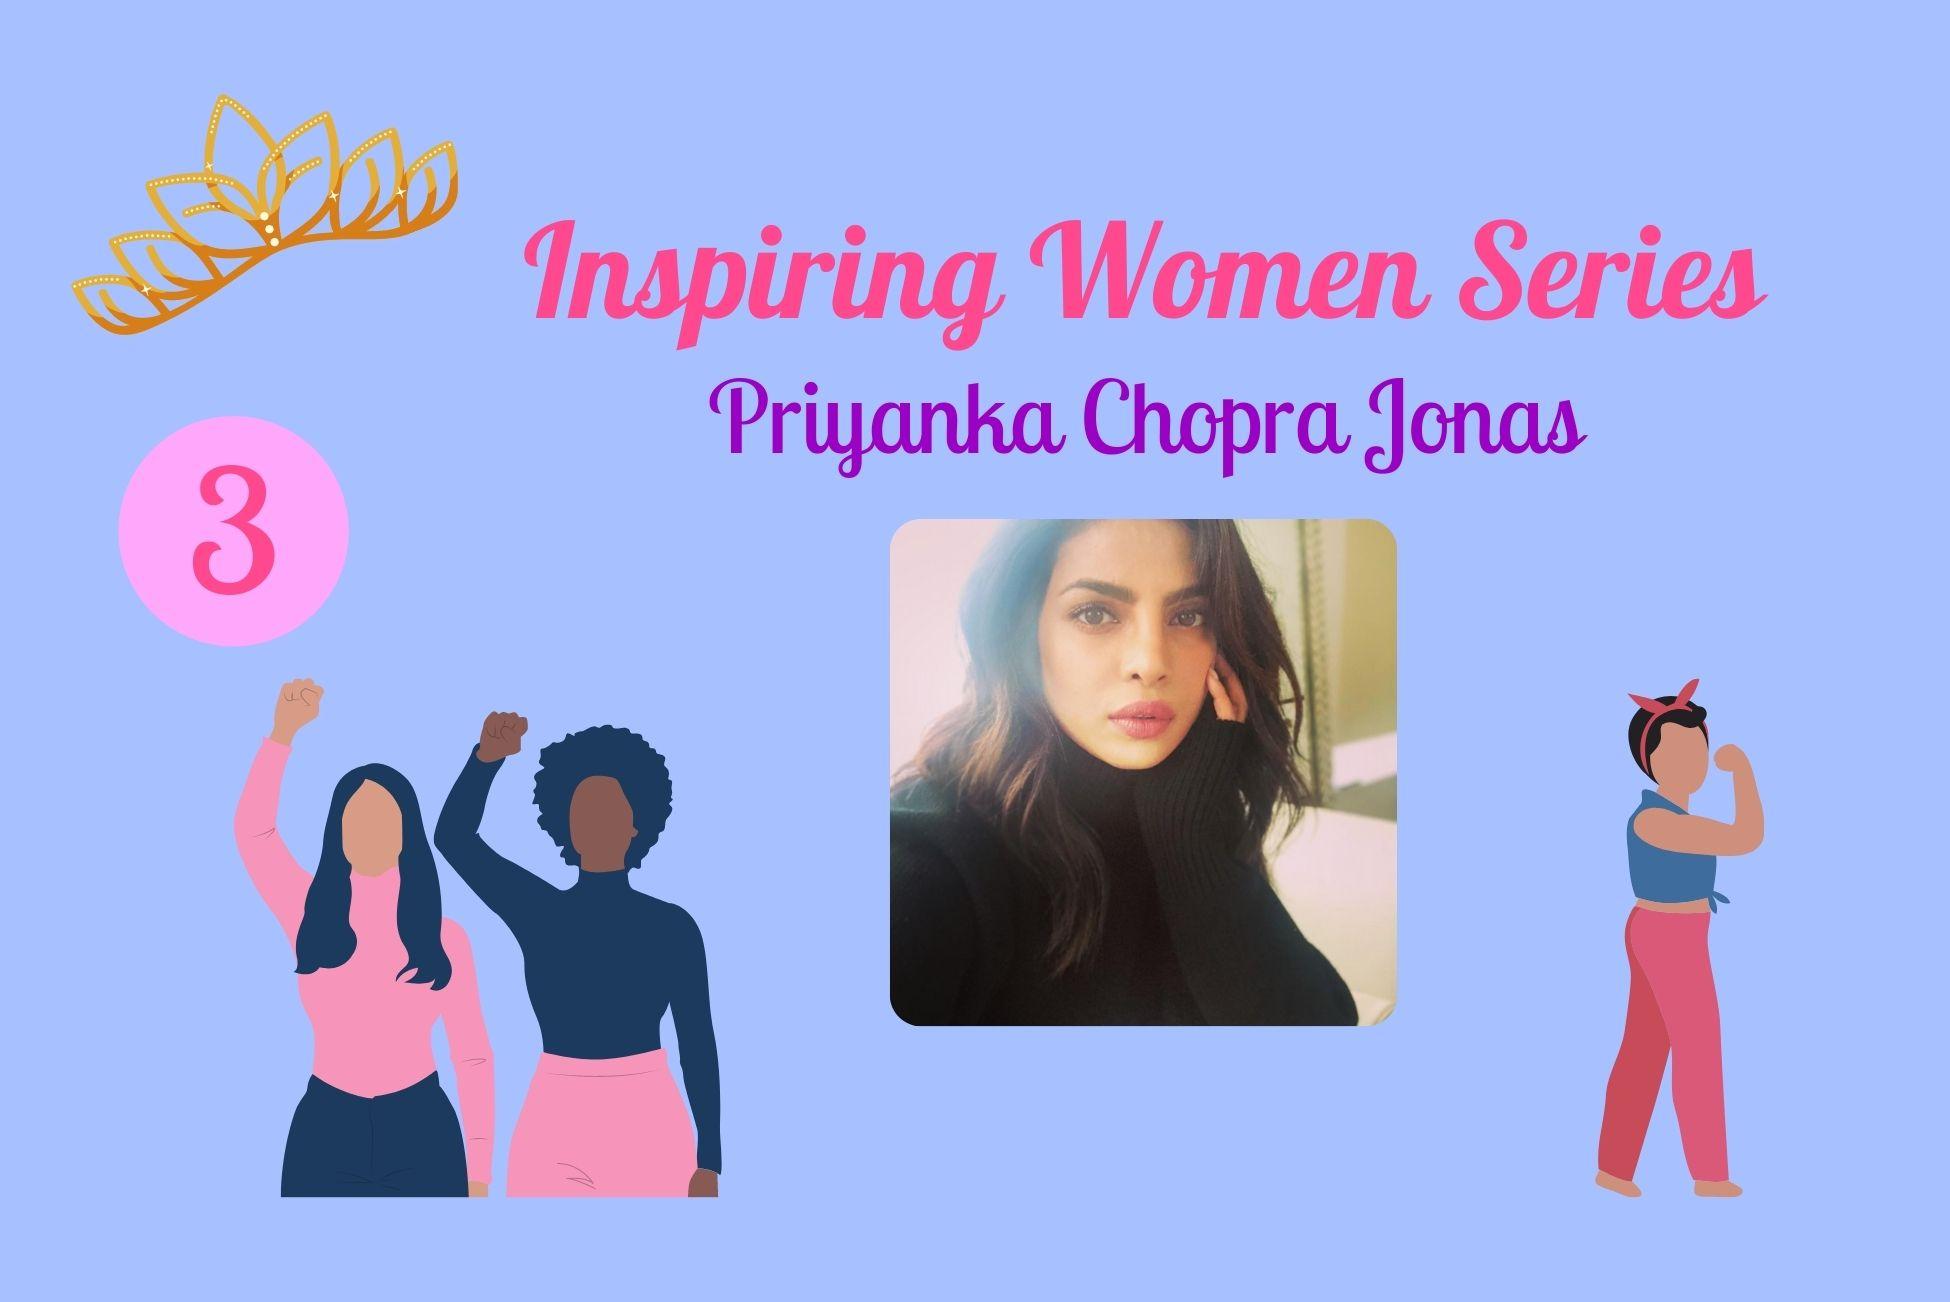 Inspiring Women Series – deel 3: Priyanka Chopra Jonas